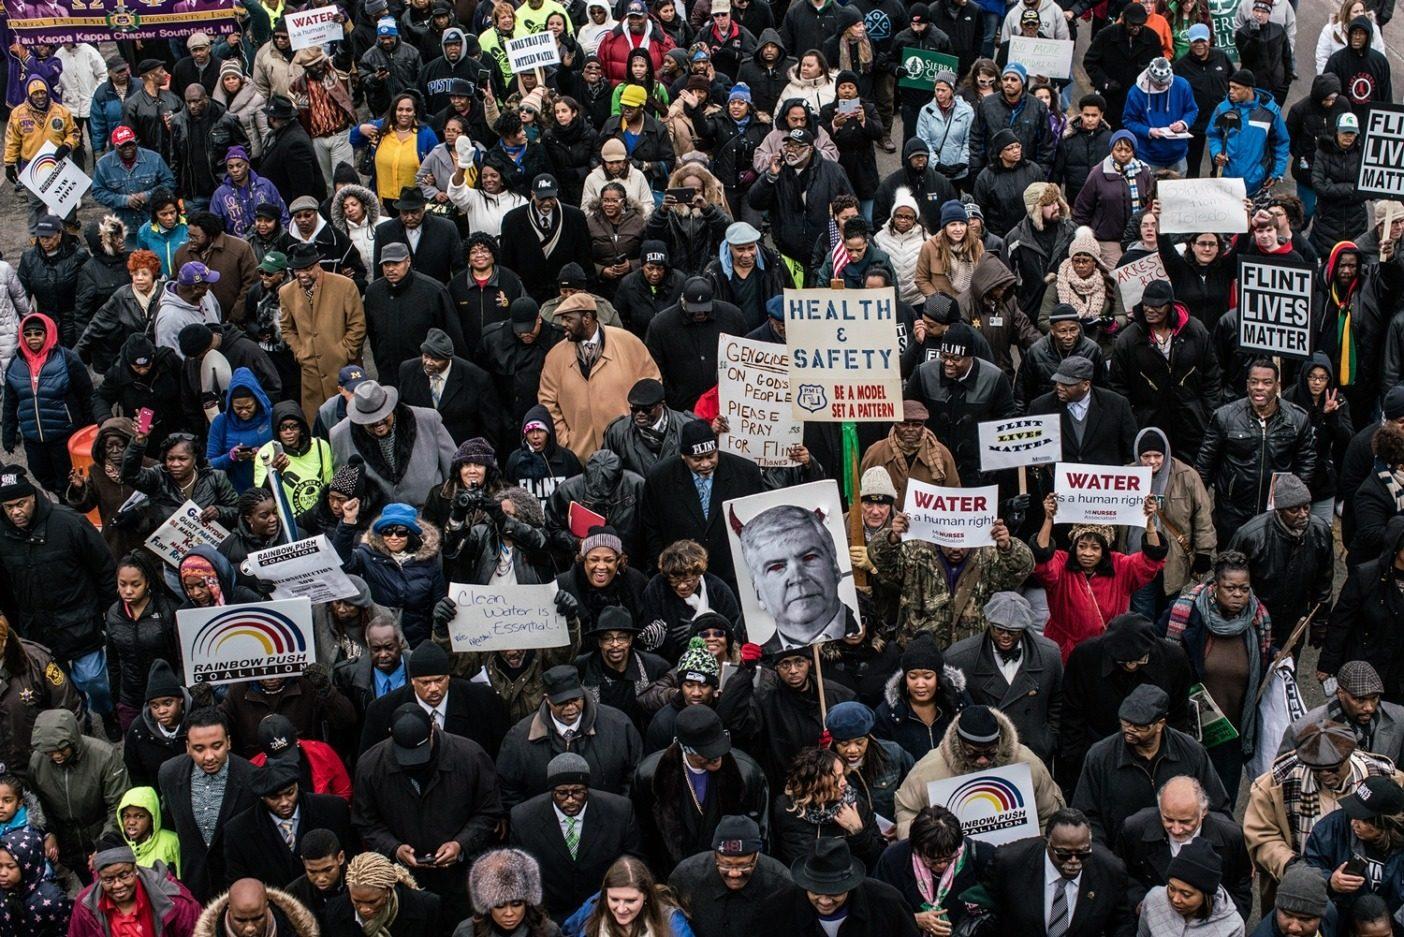 水に対する人権。2016年2月19日、ジェシー・ジャクソン尊師はミシガン州フリント市の水危機に抗議して500人以上を携え、ジェネラル・モーターズの放棄された工場を超えて、フリント・ウォーター・タワーまで行進した。